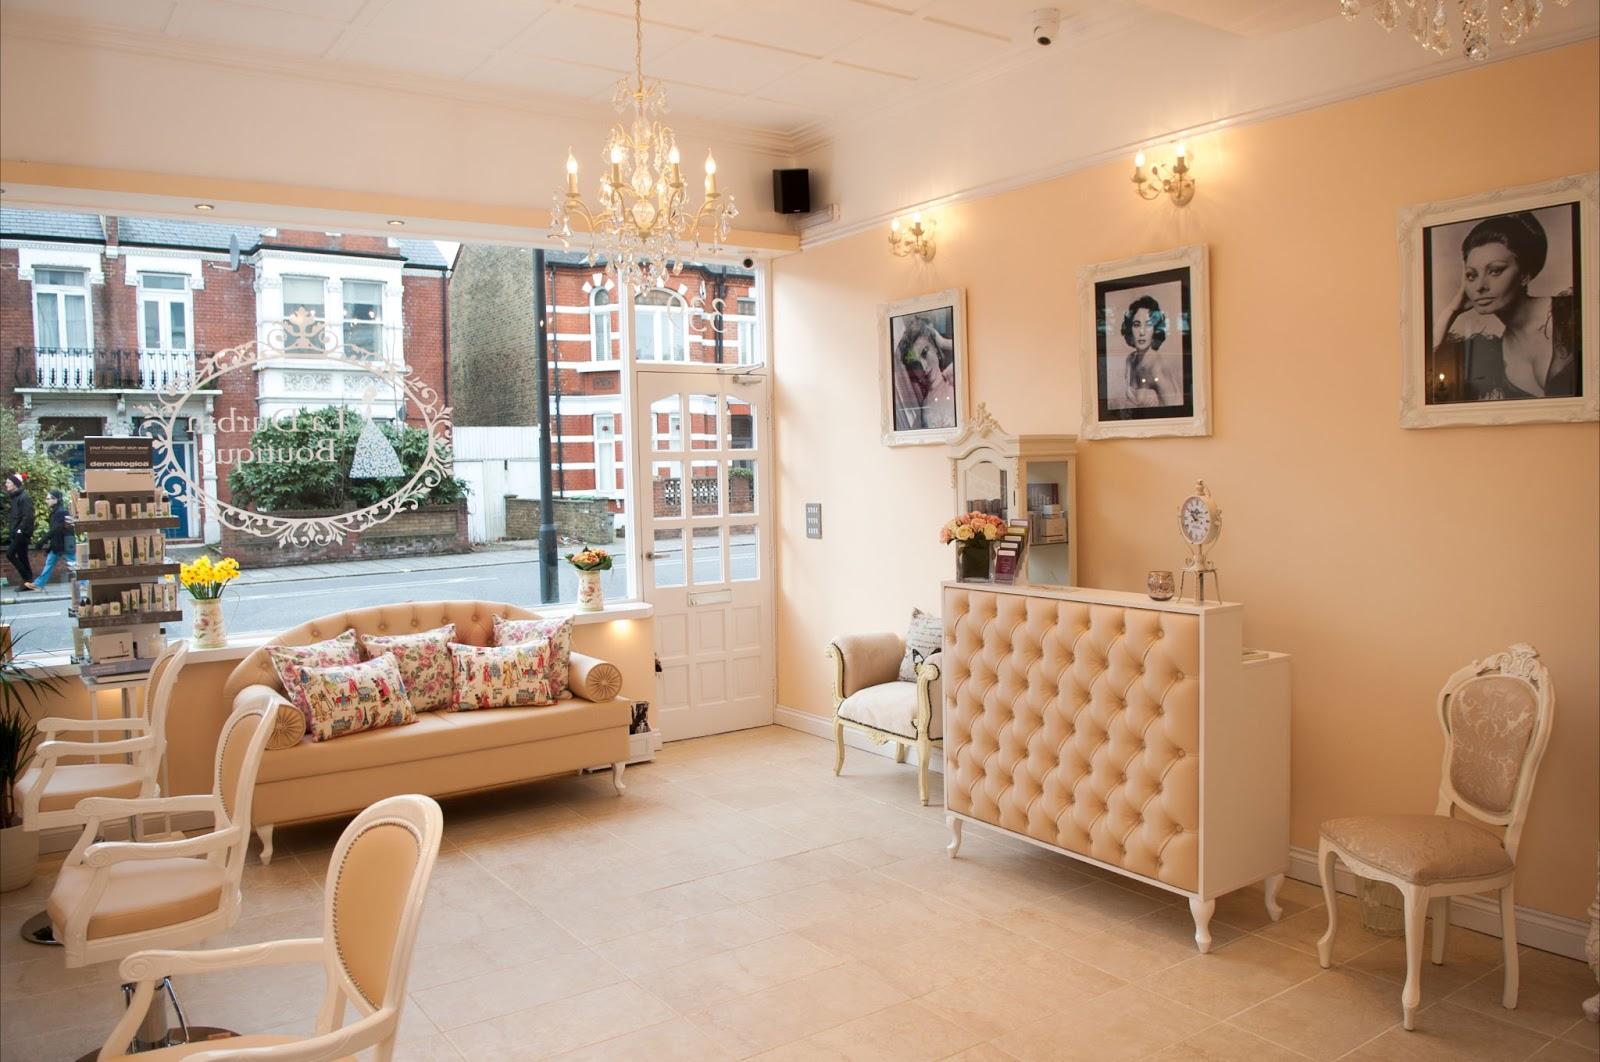 southwestsix boutique beauty by bishops park. Black Bedroom Furniture Sets. Home Design Ideas